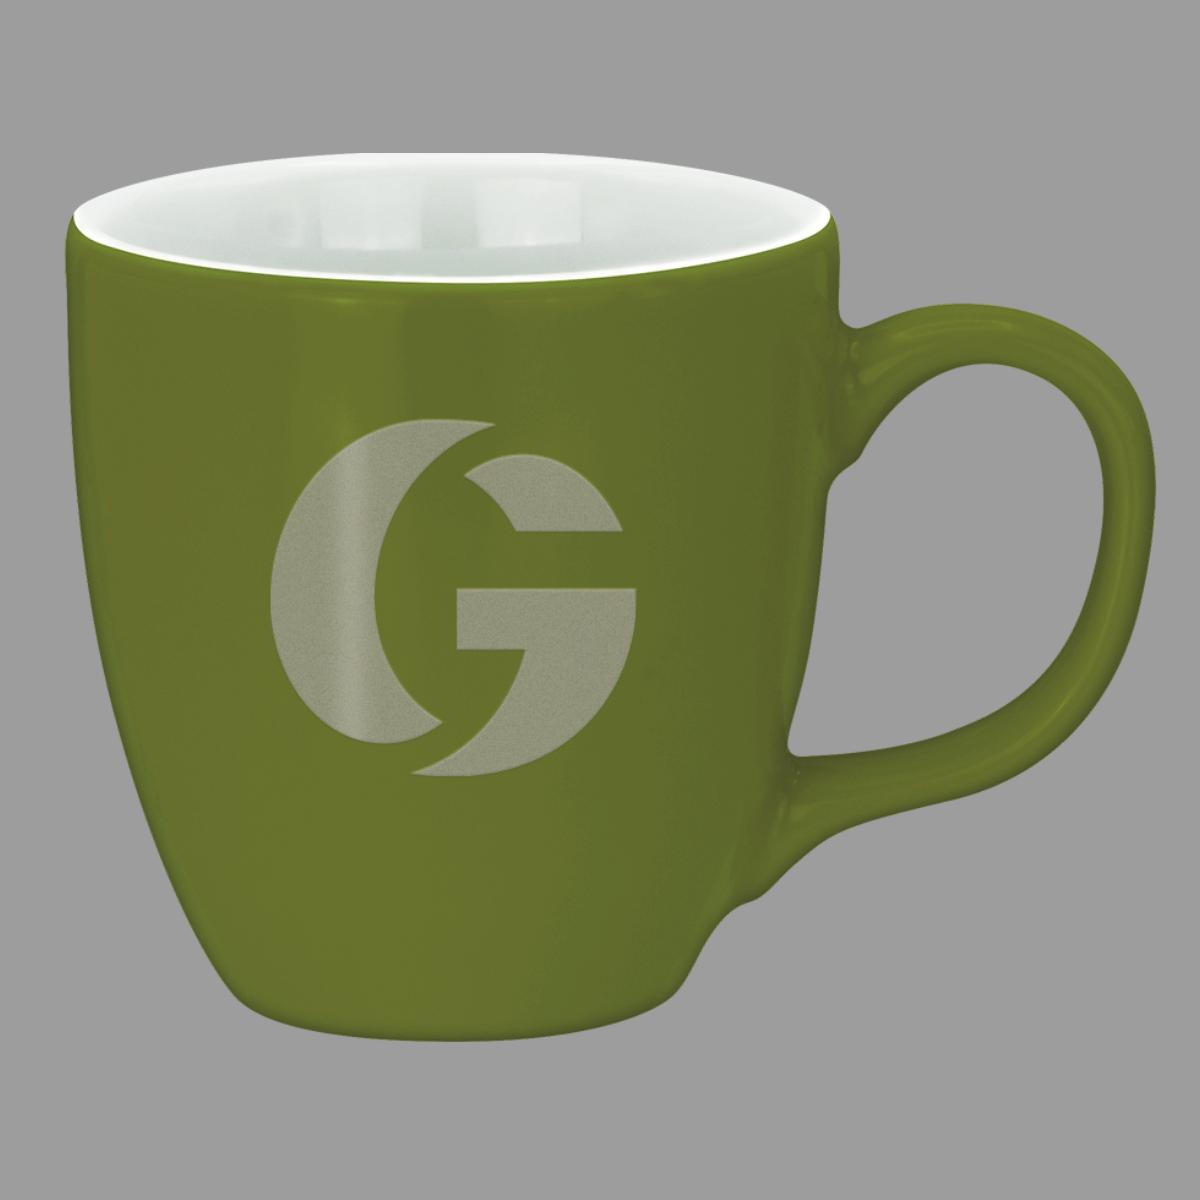 Gastro Spritzung_G dunkelgrün